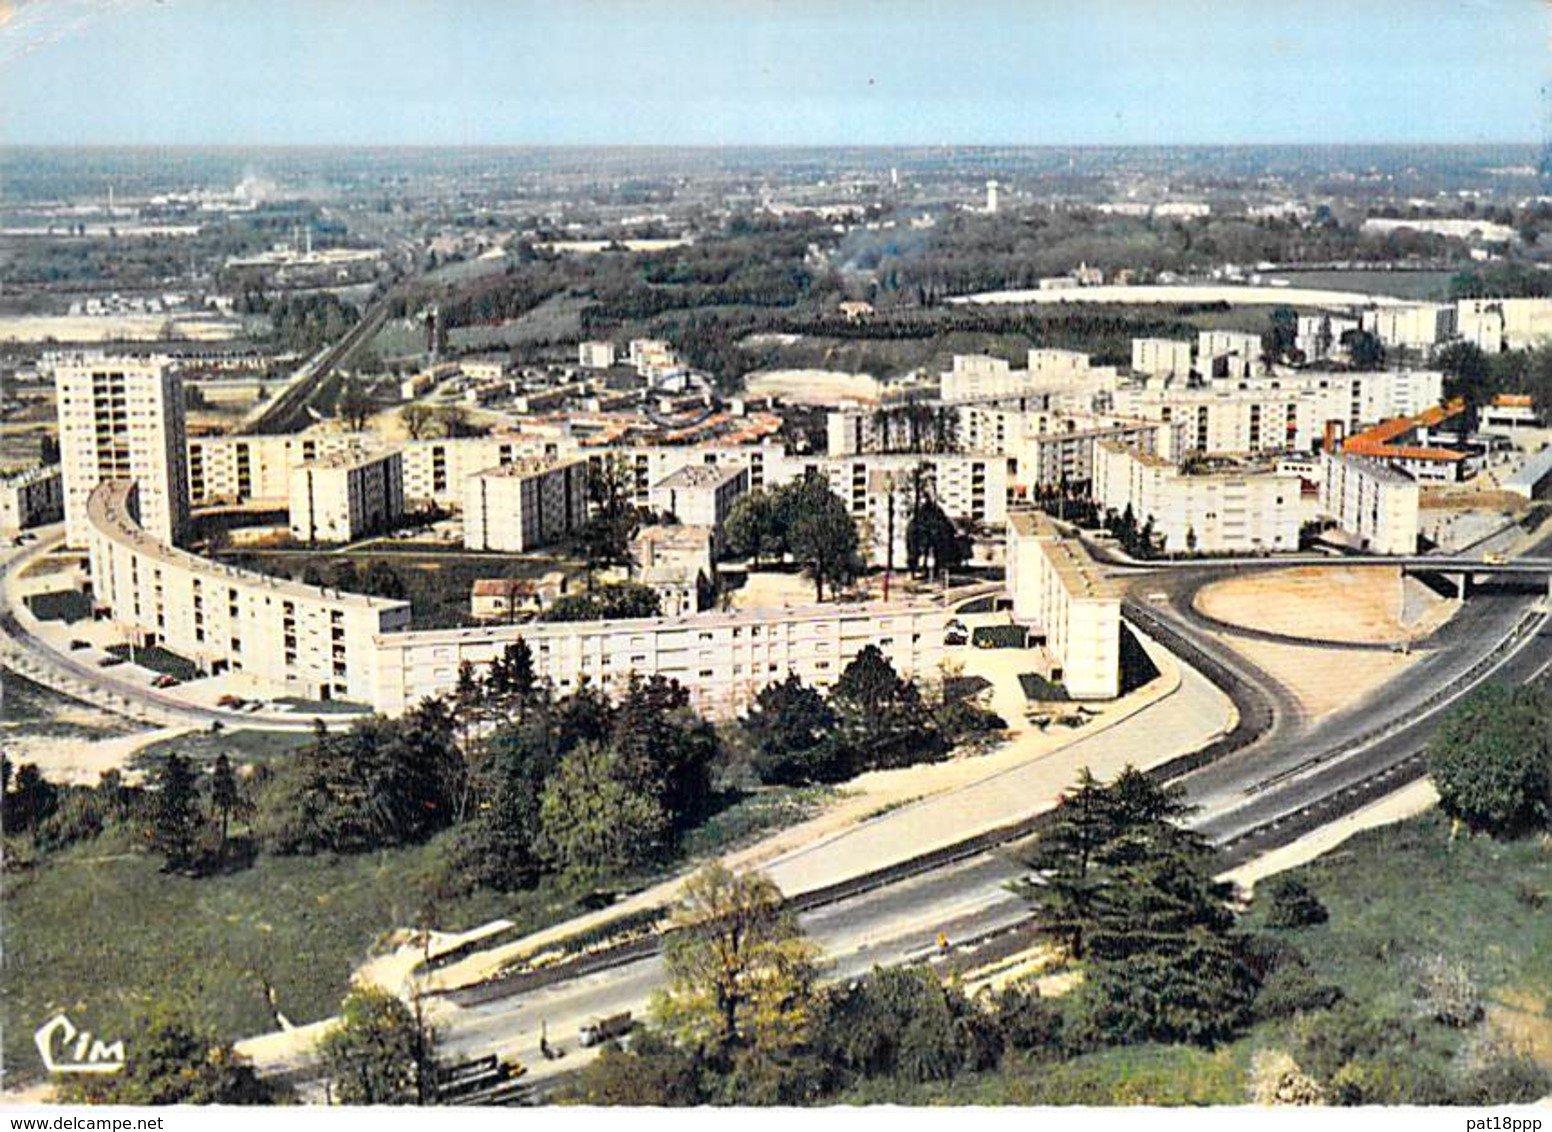 Et replonger dans le passé avec @Memoire2cite ! Vue aérienne du quartier Carriet ! #histoire #lormont #passé #photographie #photoaérienne #vueaérienne twitter.com/Memoire2cite/s…